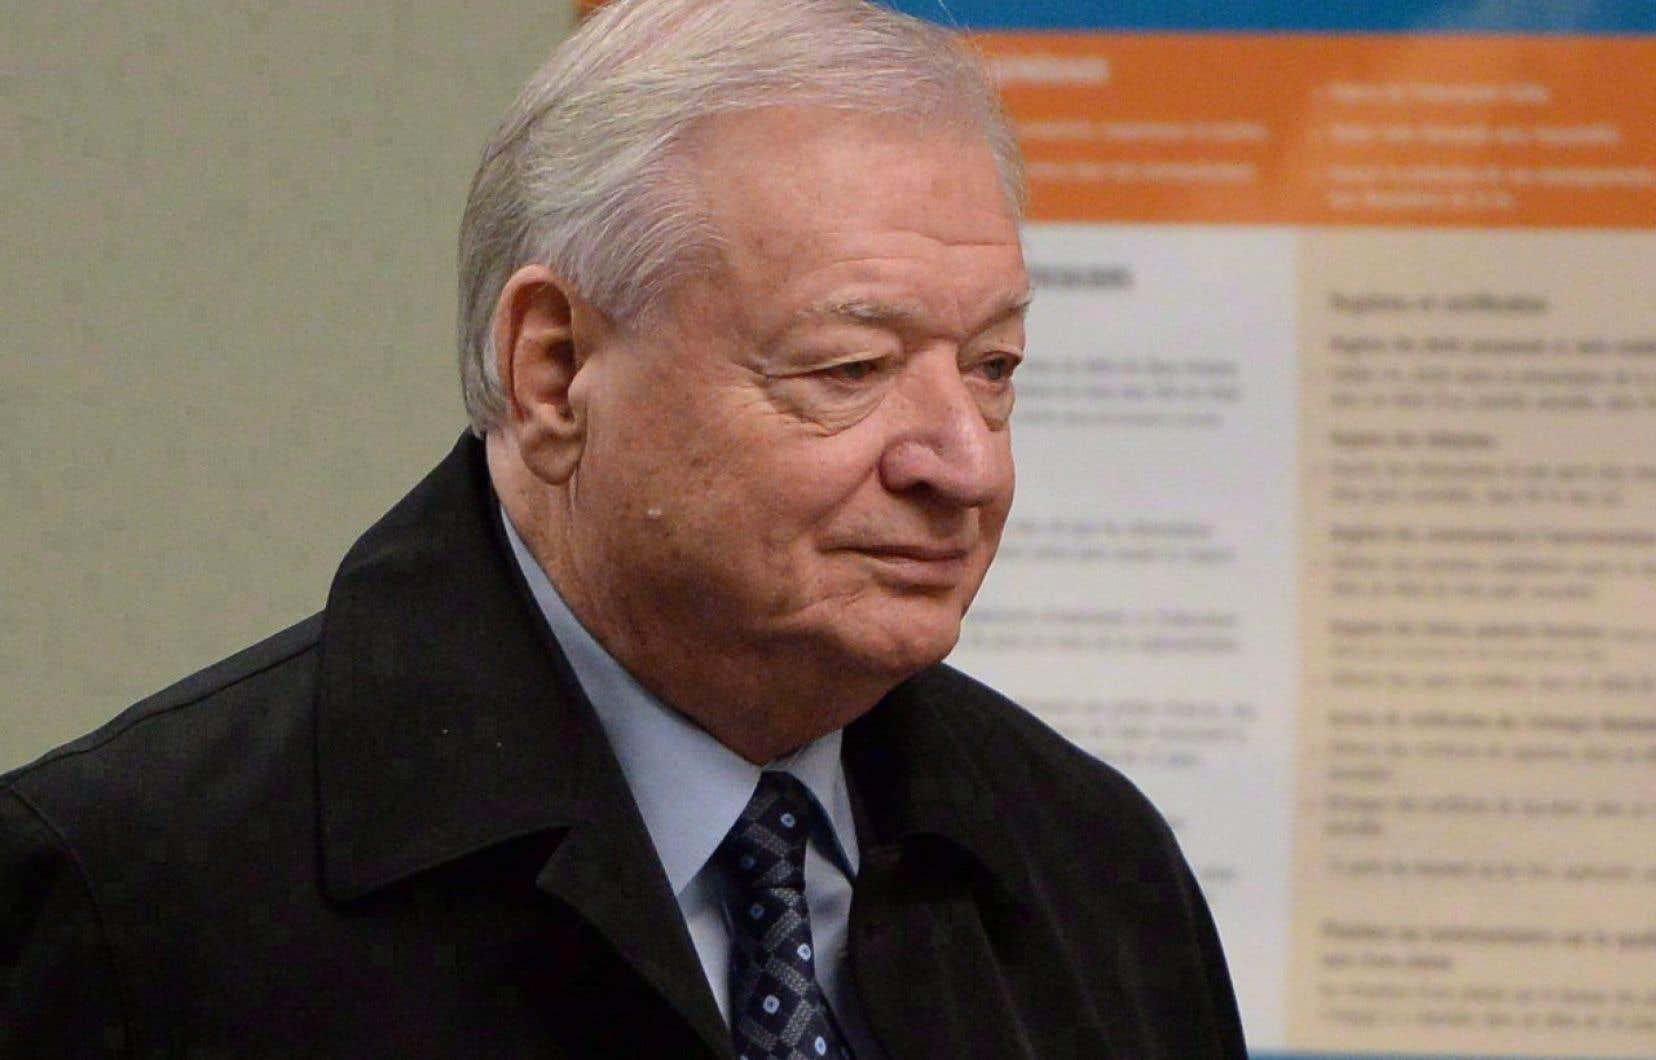 L'ancien maire de Laval, Gilles Vaillancourt